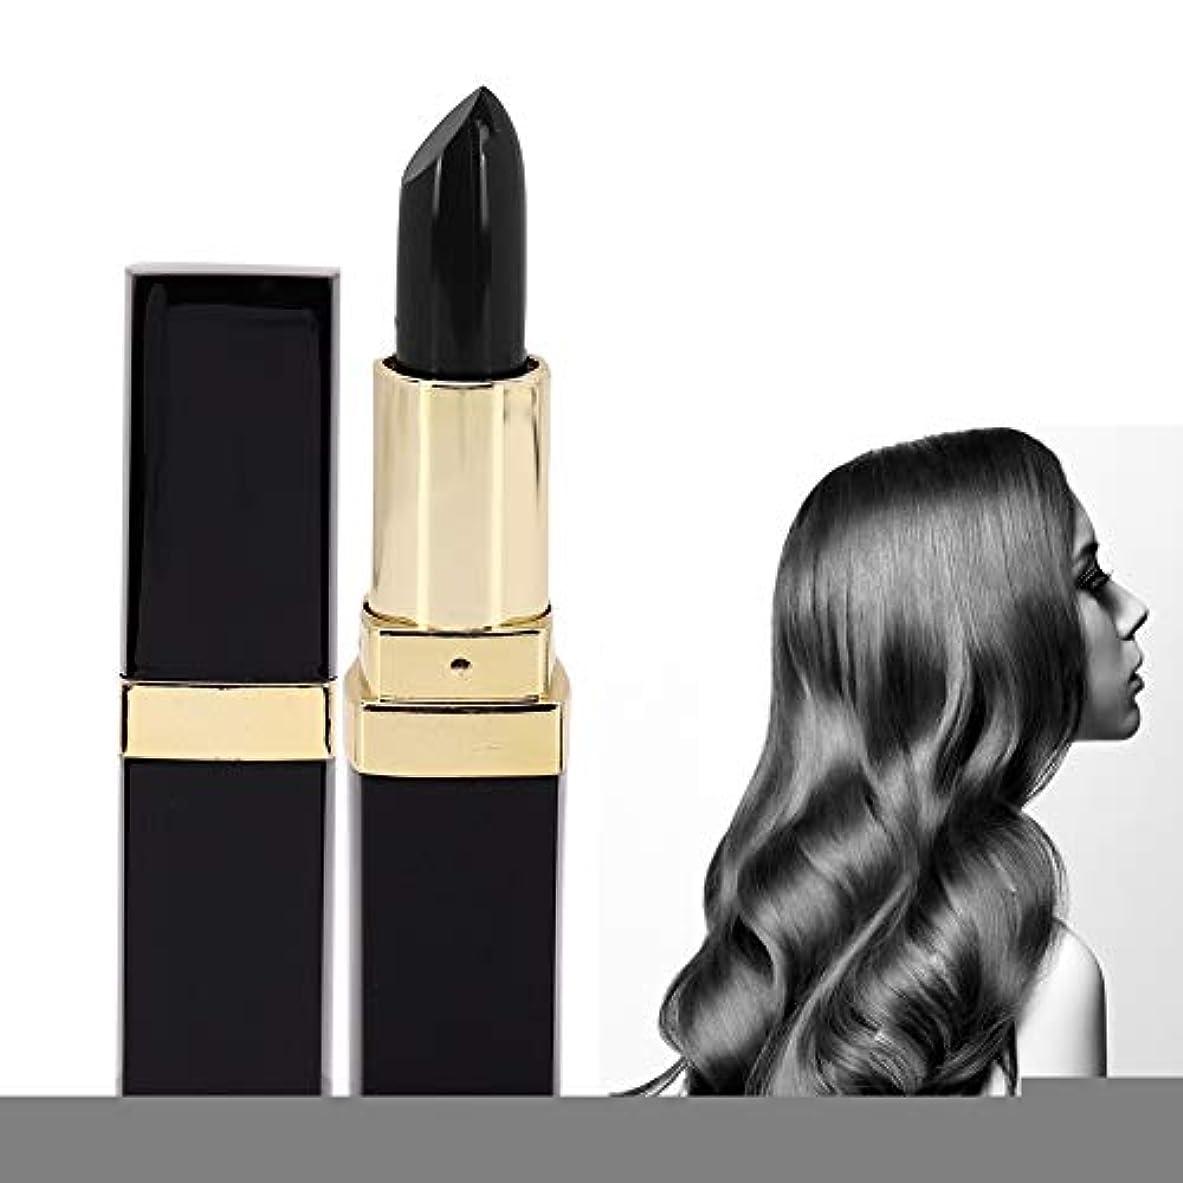 どきどきくぼみ検査官使い捨ての髪の色は鉛筆スティック美容ツールを変更します(褐色), 使い捨てポータブル口紅の形の染料の髪の色は、鉛筆スティック美容ツールを変更します(茶色)